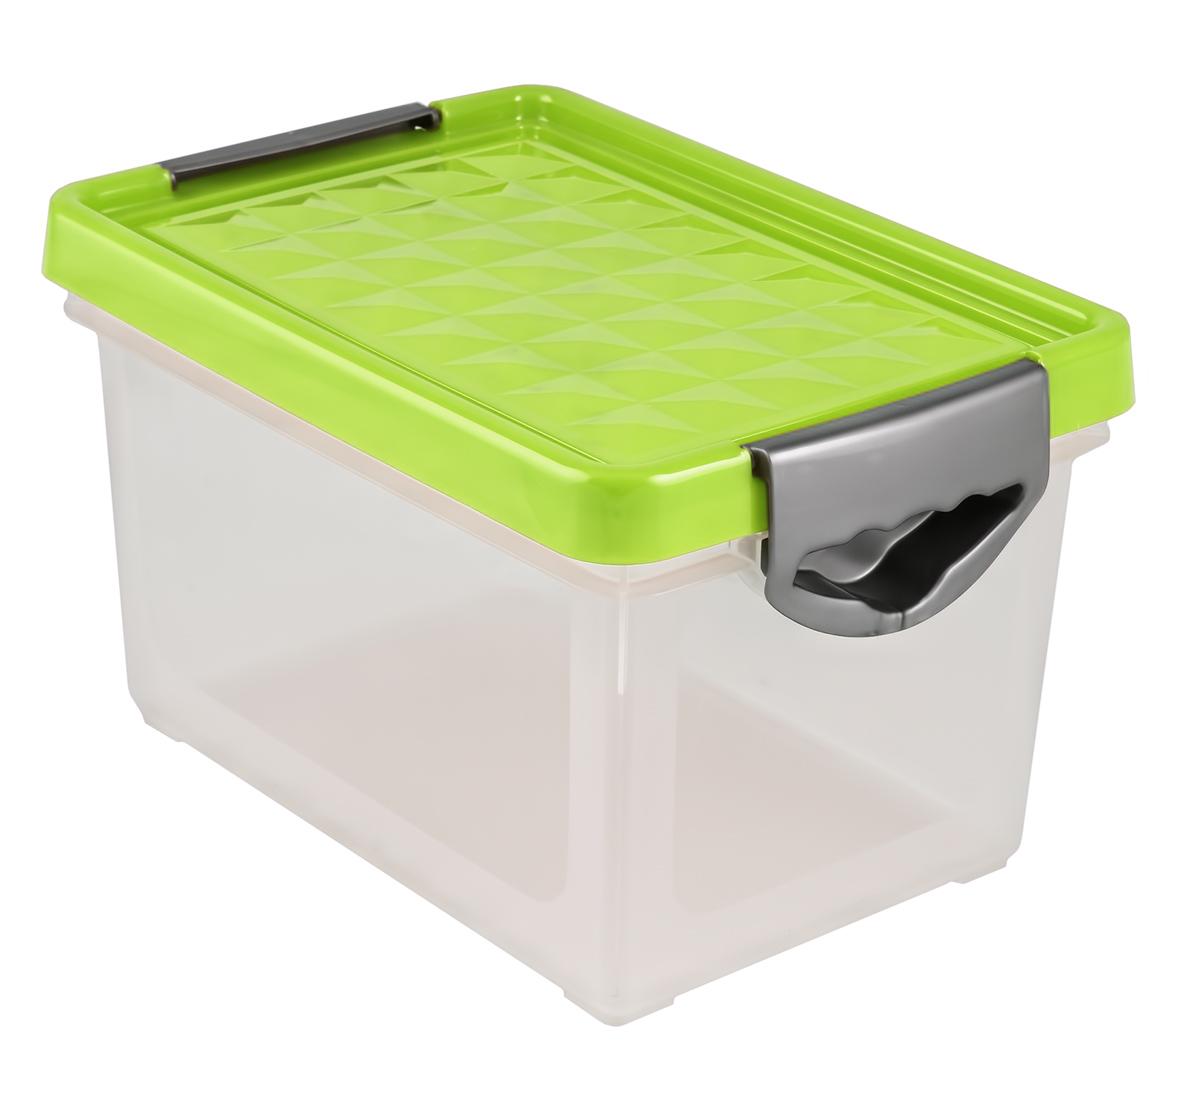 Ящик для хранения BranQ Systema, цвет: зеленый, прозрачный, 272 х 184 х 162 ммBQ1001ЗЛПРЯщик для хранения поможет правильно организовать пространство в доме и сэкономит место. В нем можно хранить все, что угодно: одежду, обувь, детские игрушки и т.п. Прочный каркас ящиков позволит хранить как легкие вещи, так и переносить собранный урожай овощей или фруктов. Эргономичные ручки-защелки, позволяют переносить ящик как с крышкой, так и без крышки.